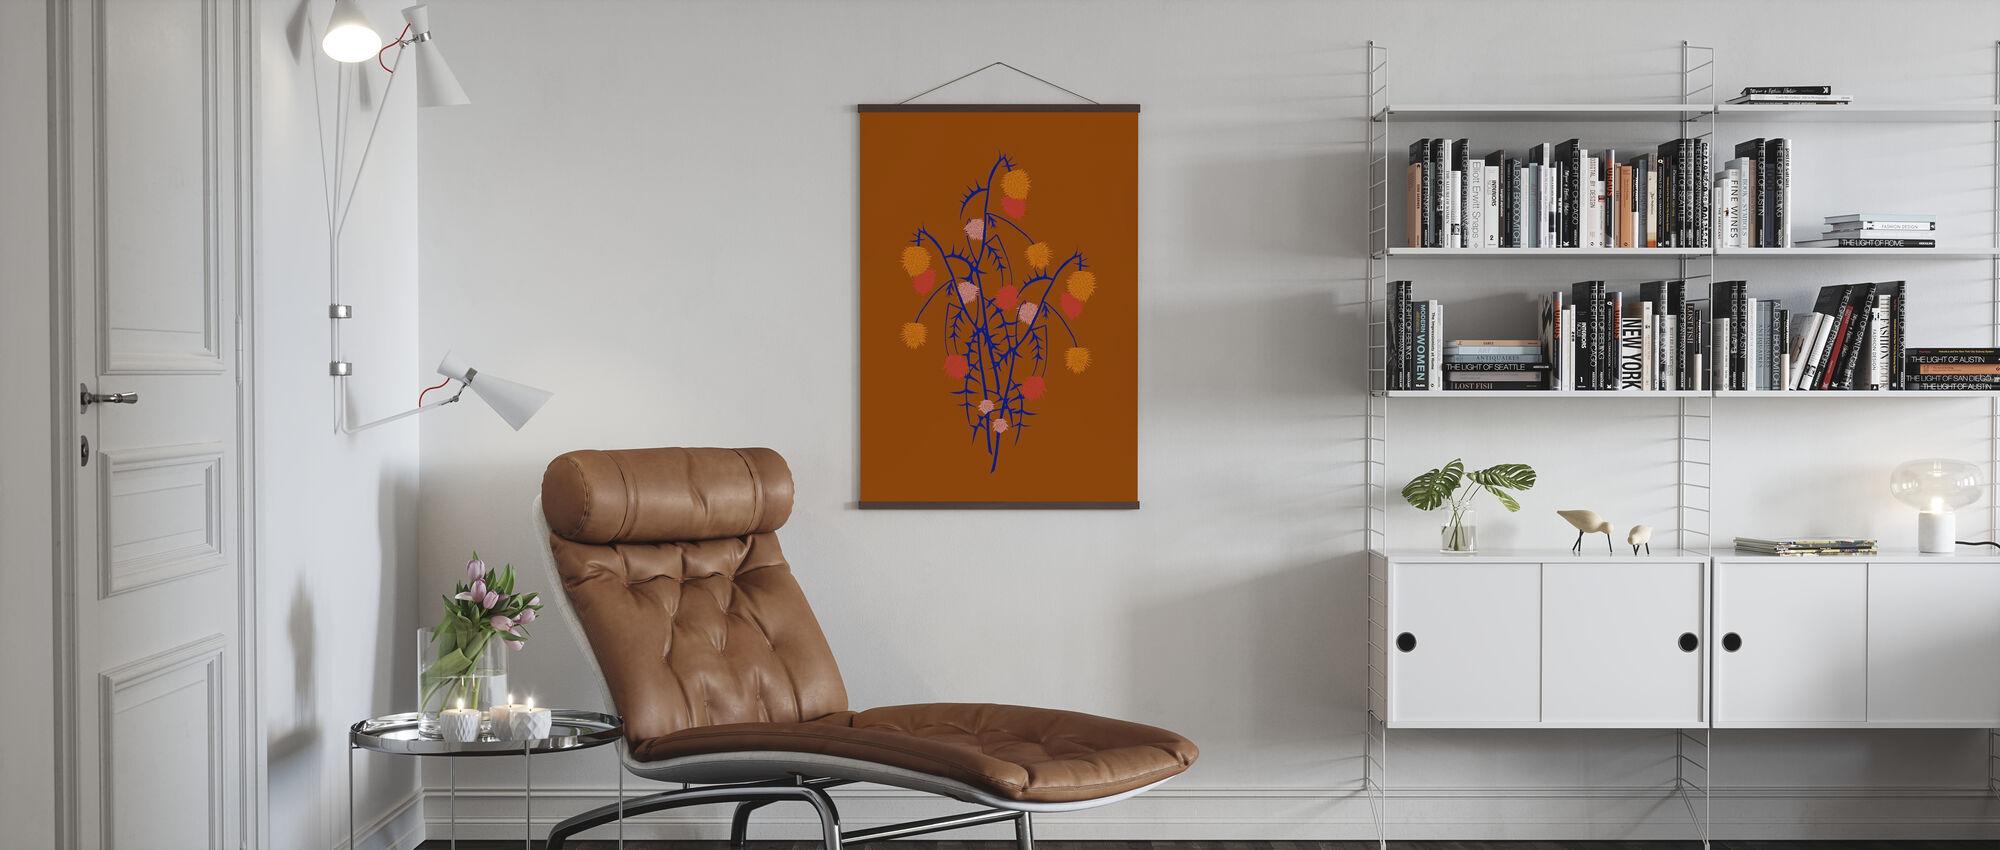 Cardo Boquet - Poster - Salotto